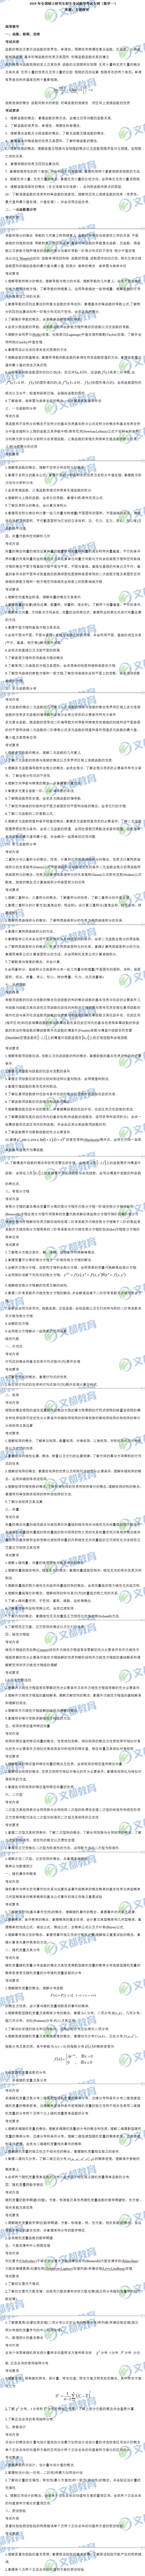 2019考研数学一大纲原文(PDF完整版)